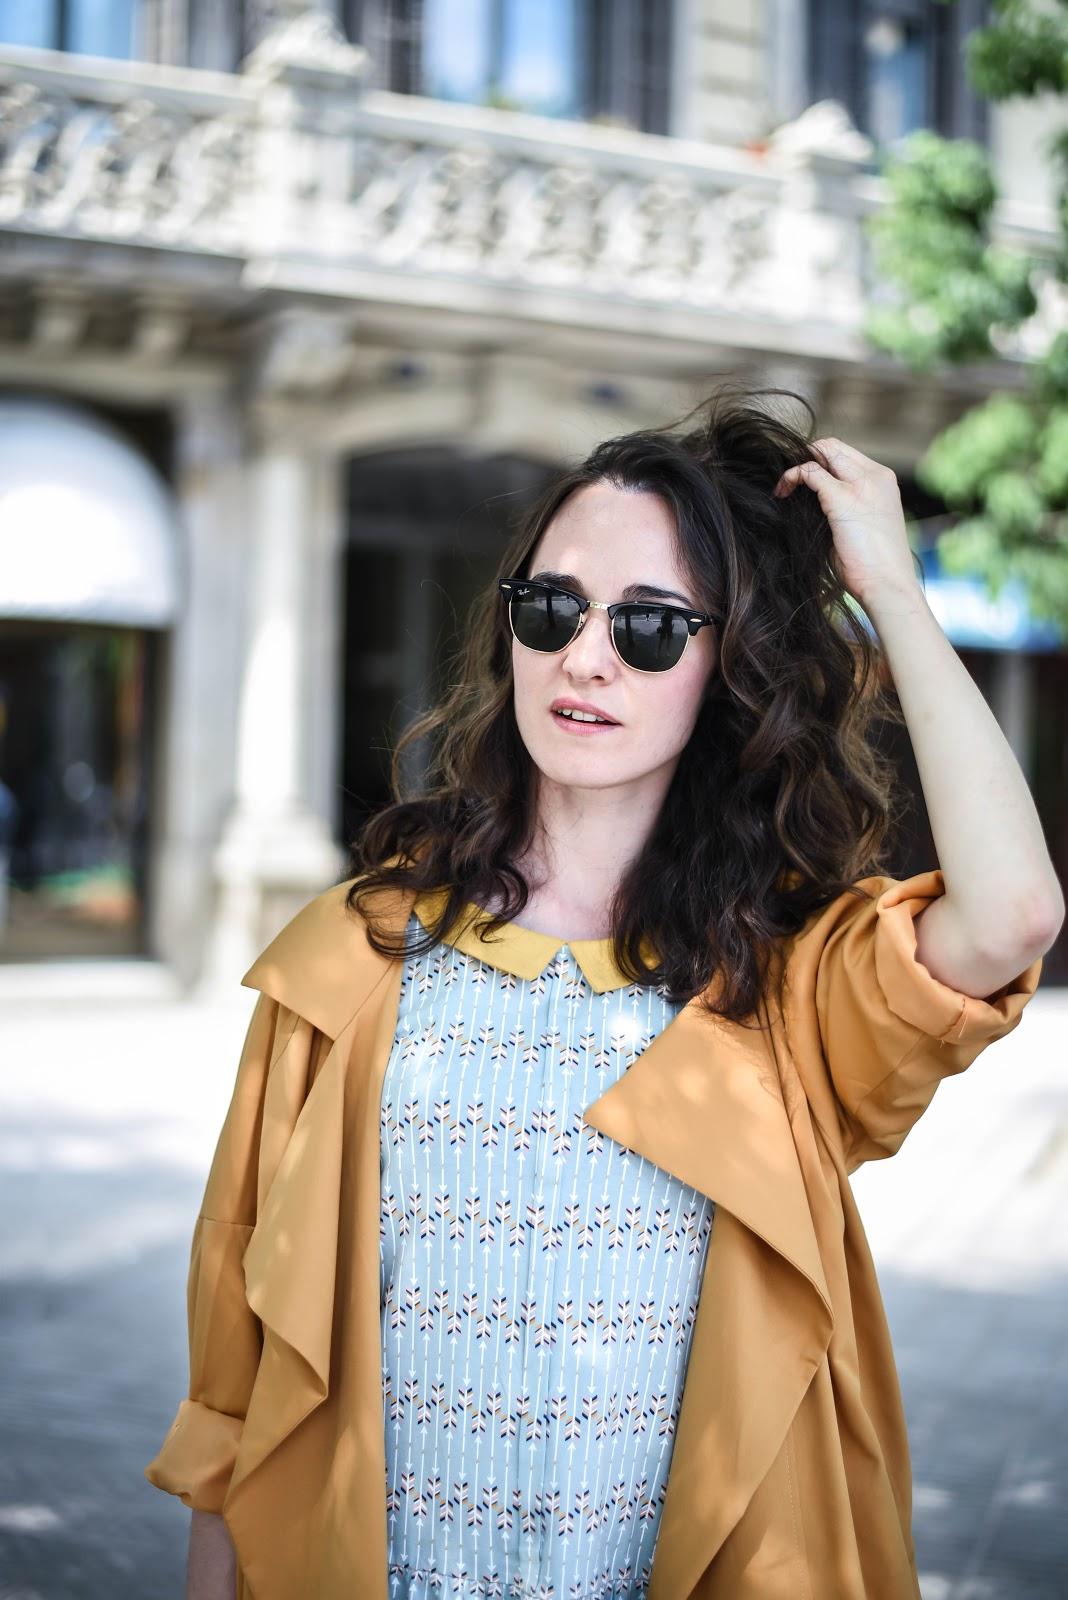 mustard_summer_look_trench_dress